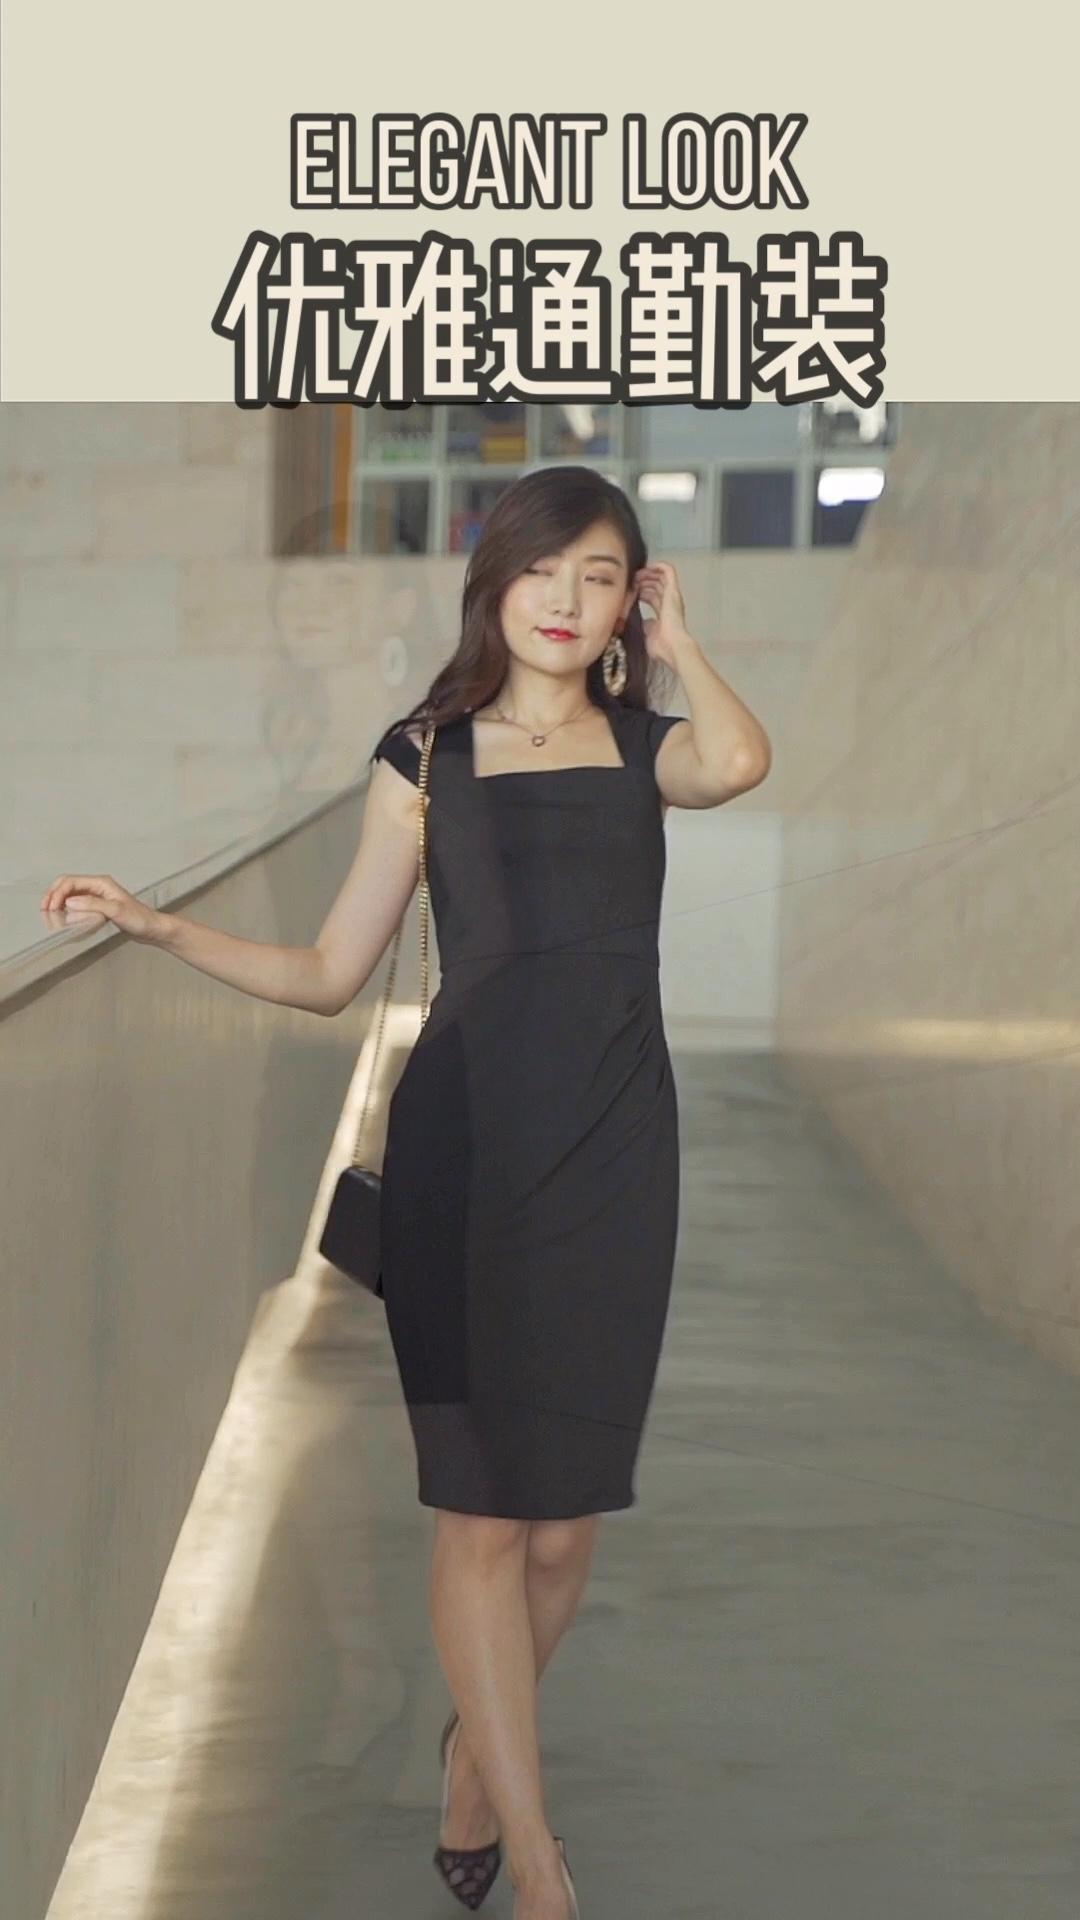 #7月闪电瘦,告别女壮士# 优雅气质look 特别适合通勤出席正式场合的ck小黑裙哦 修身版型显瘦又遮肉 较长的款式优雅得体 尽显女性魅力